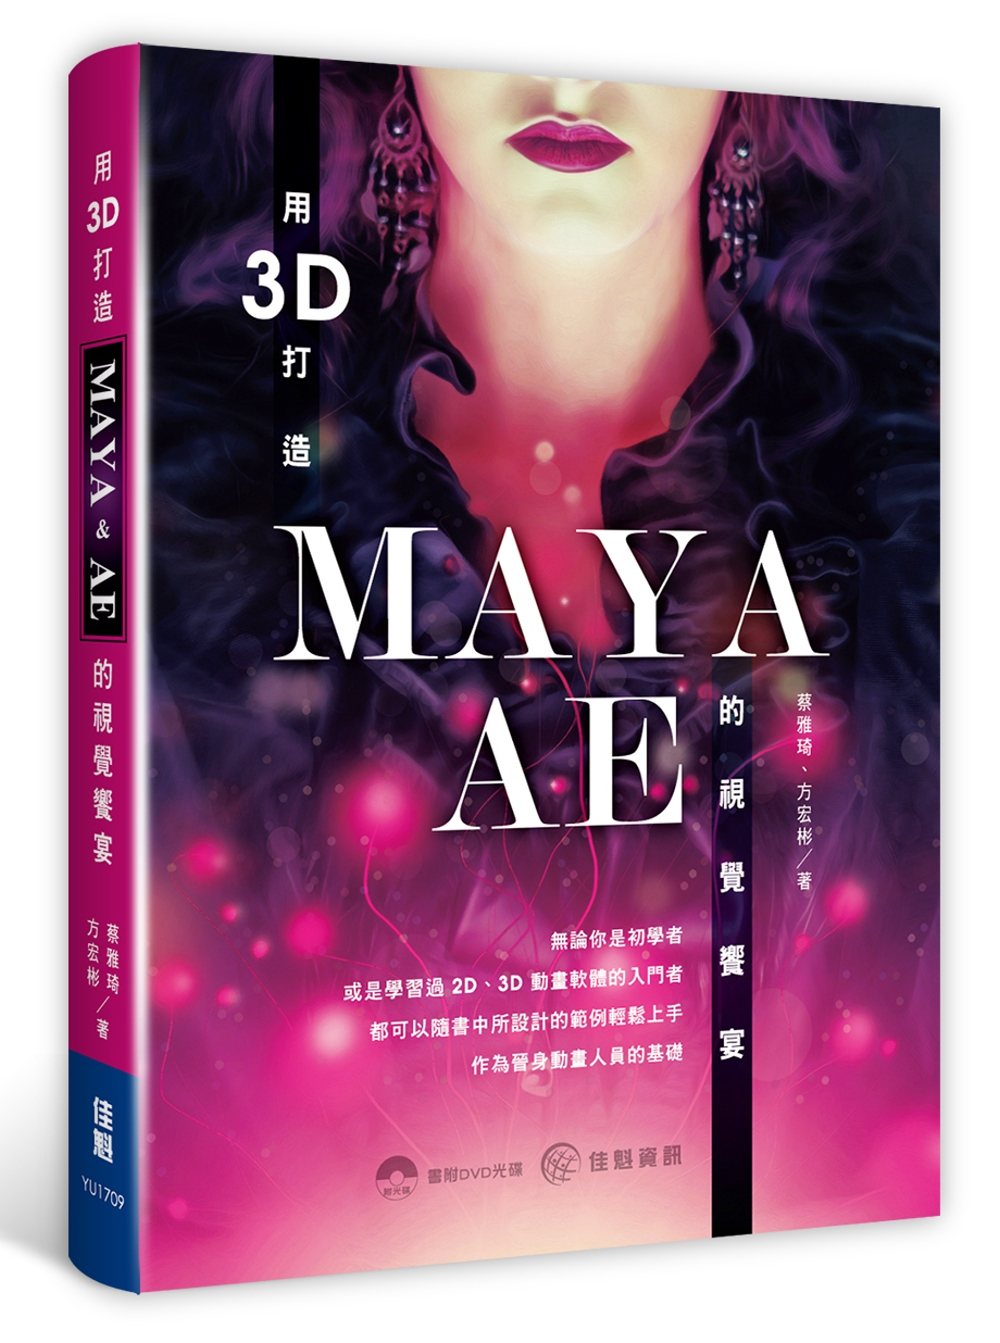 ◤博客來BOOKS◢ 暢銷書榜《推薦》用3D打造MAYA . AE 的視覺饗宴